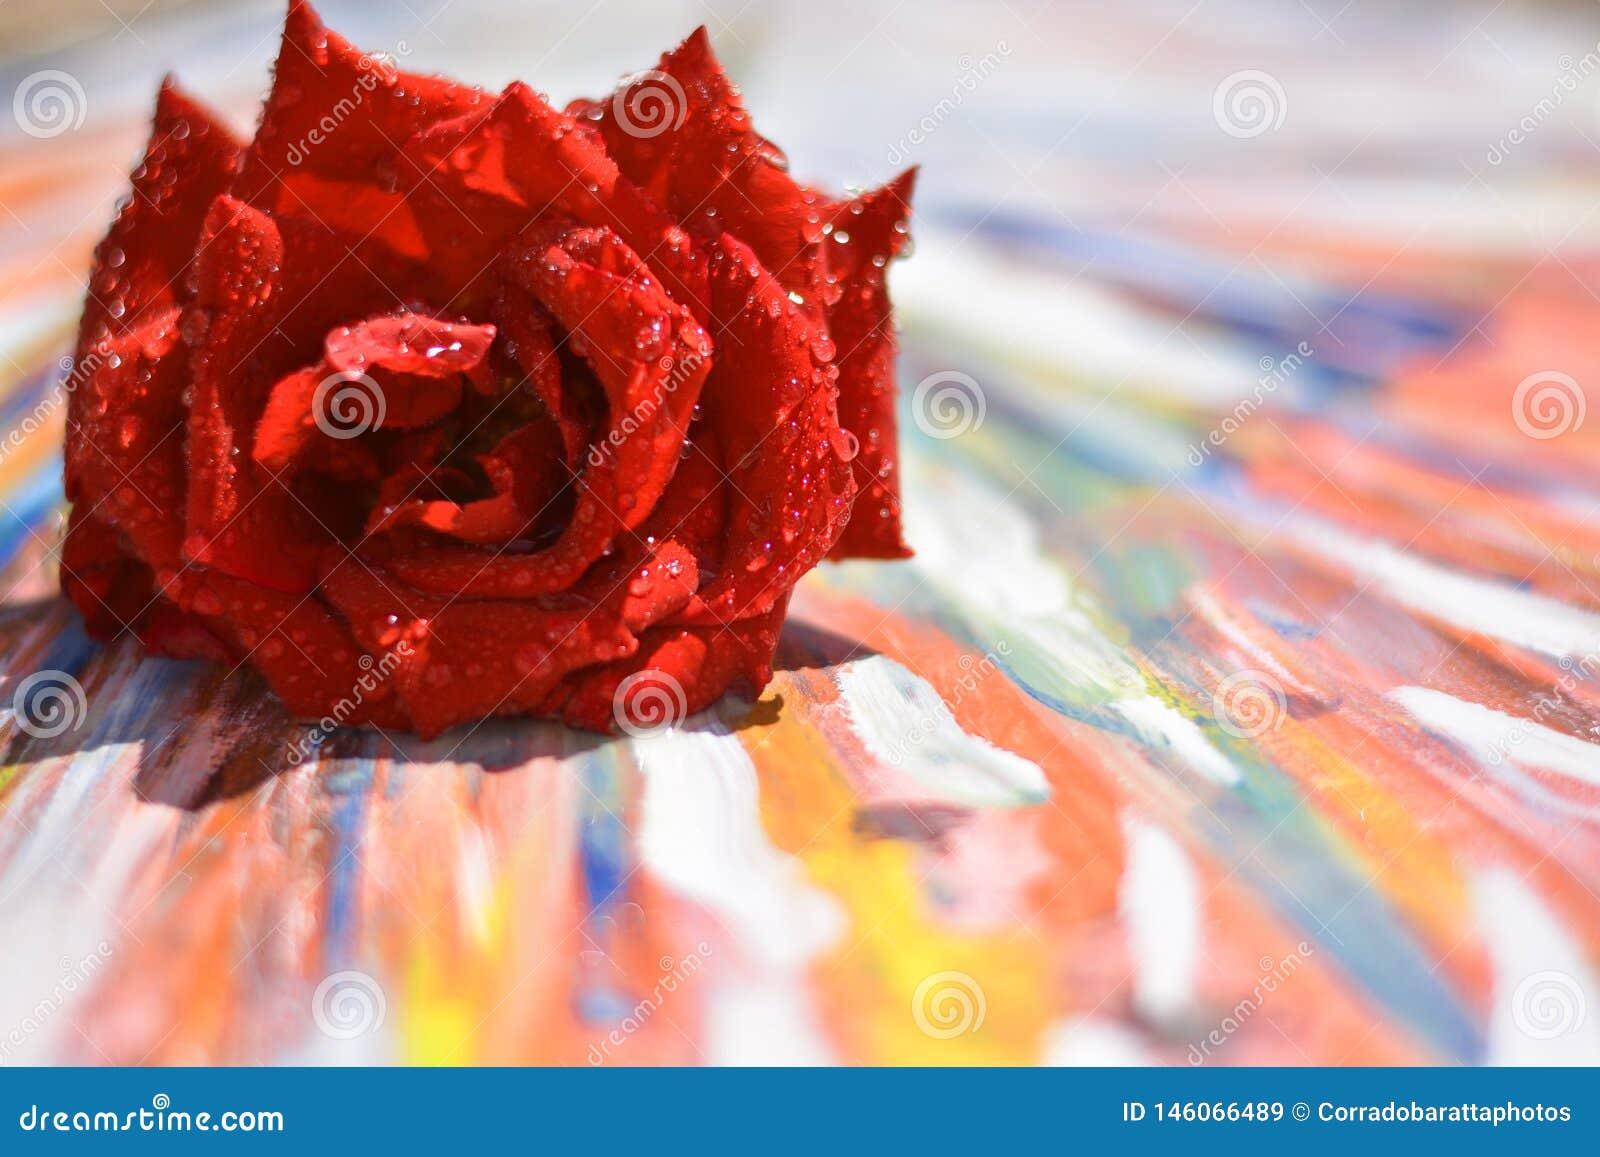 Amor, está viviendo con colores brillantes